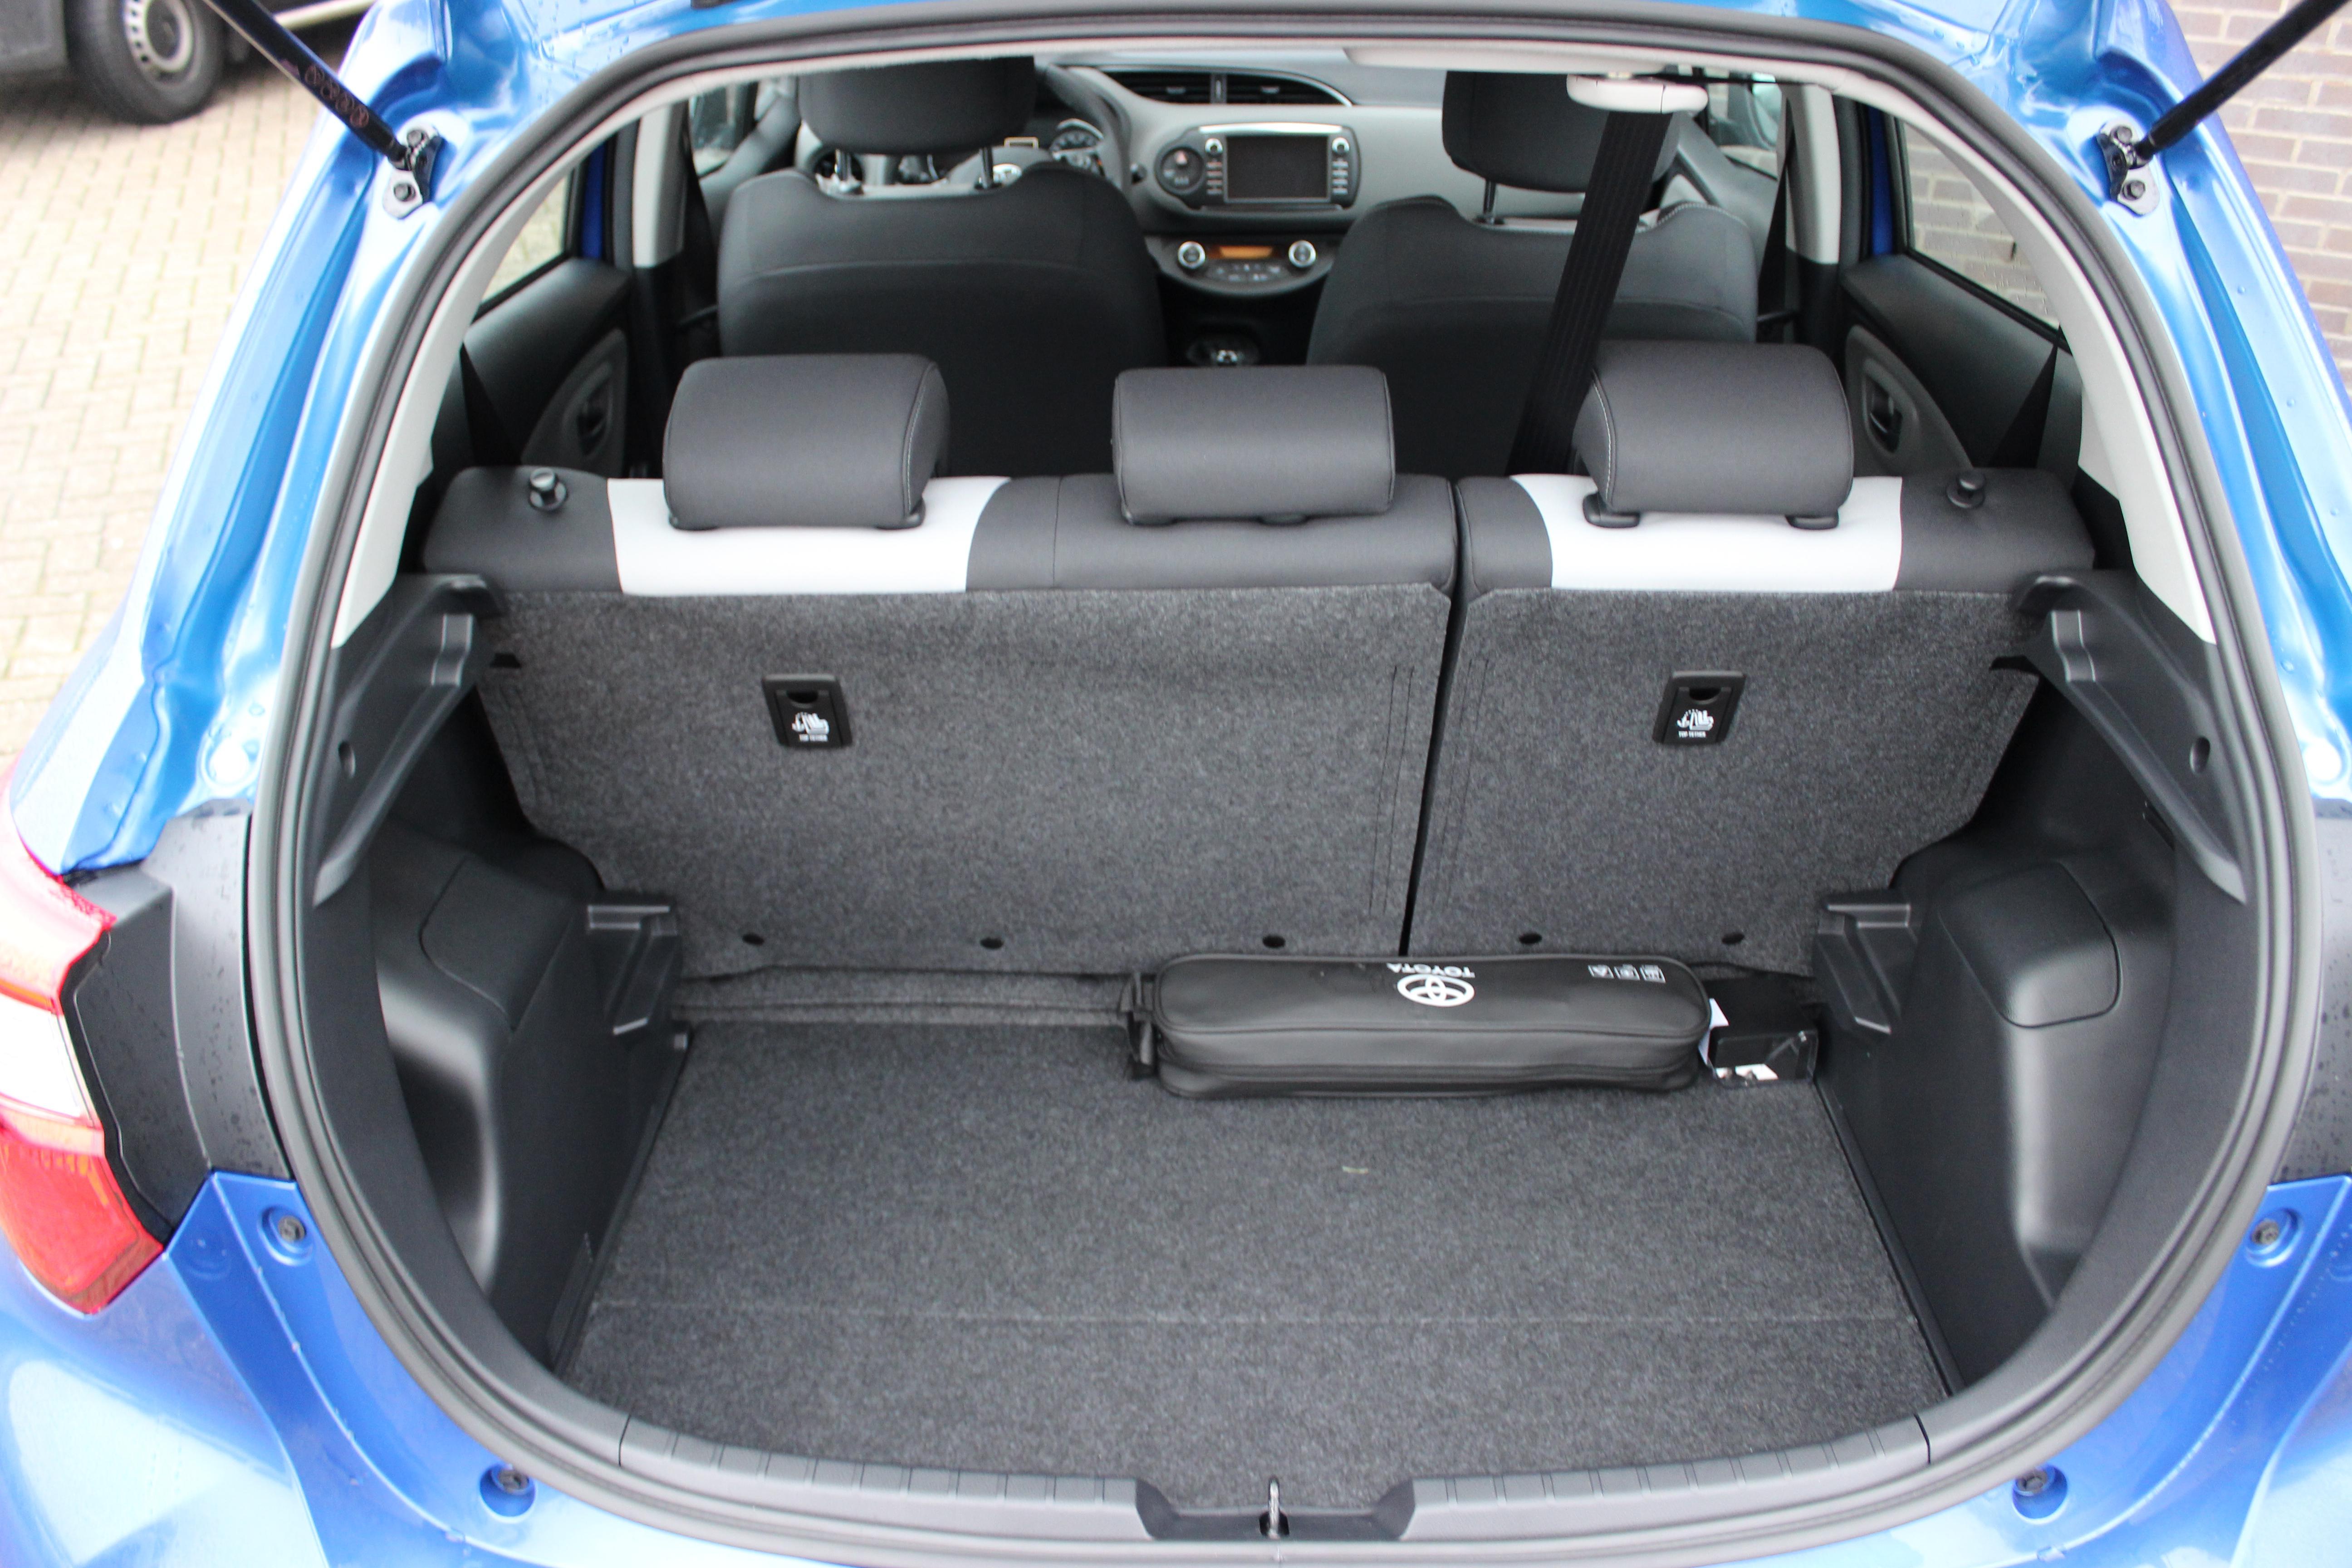 Toyota Yaris Hybrid kofferbak